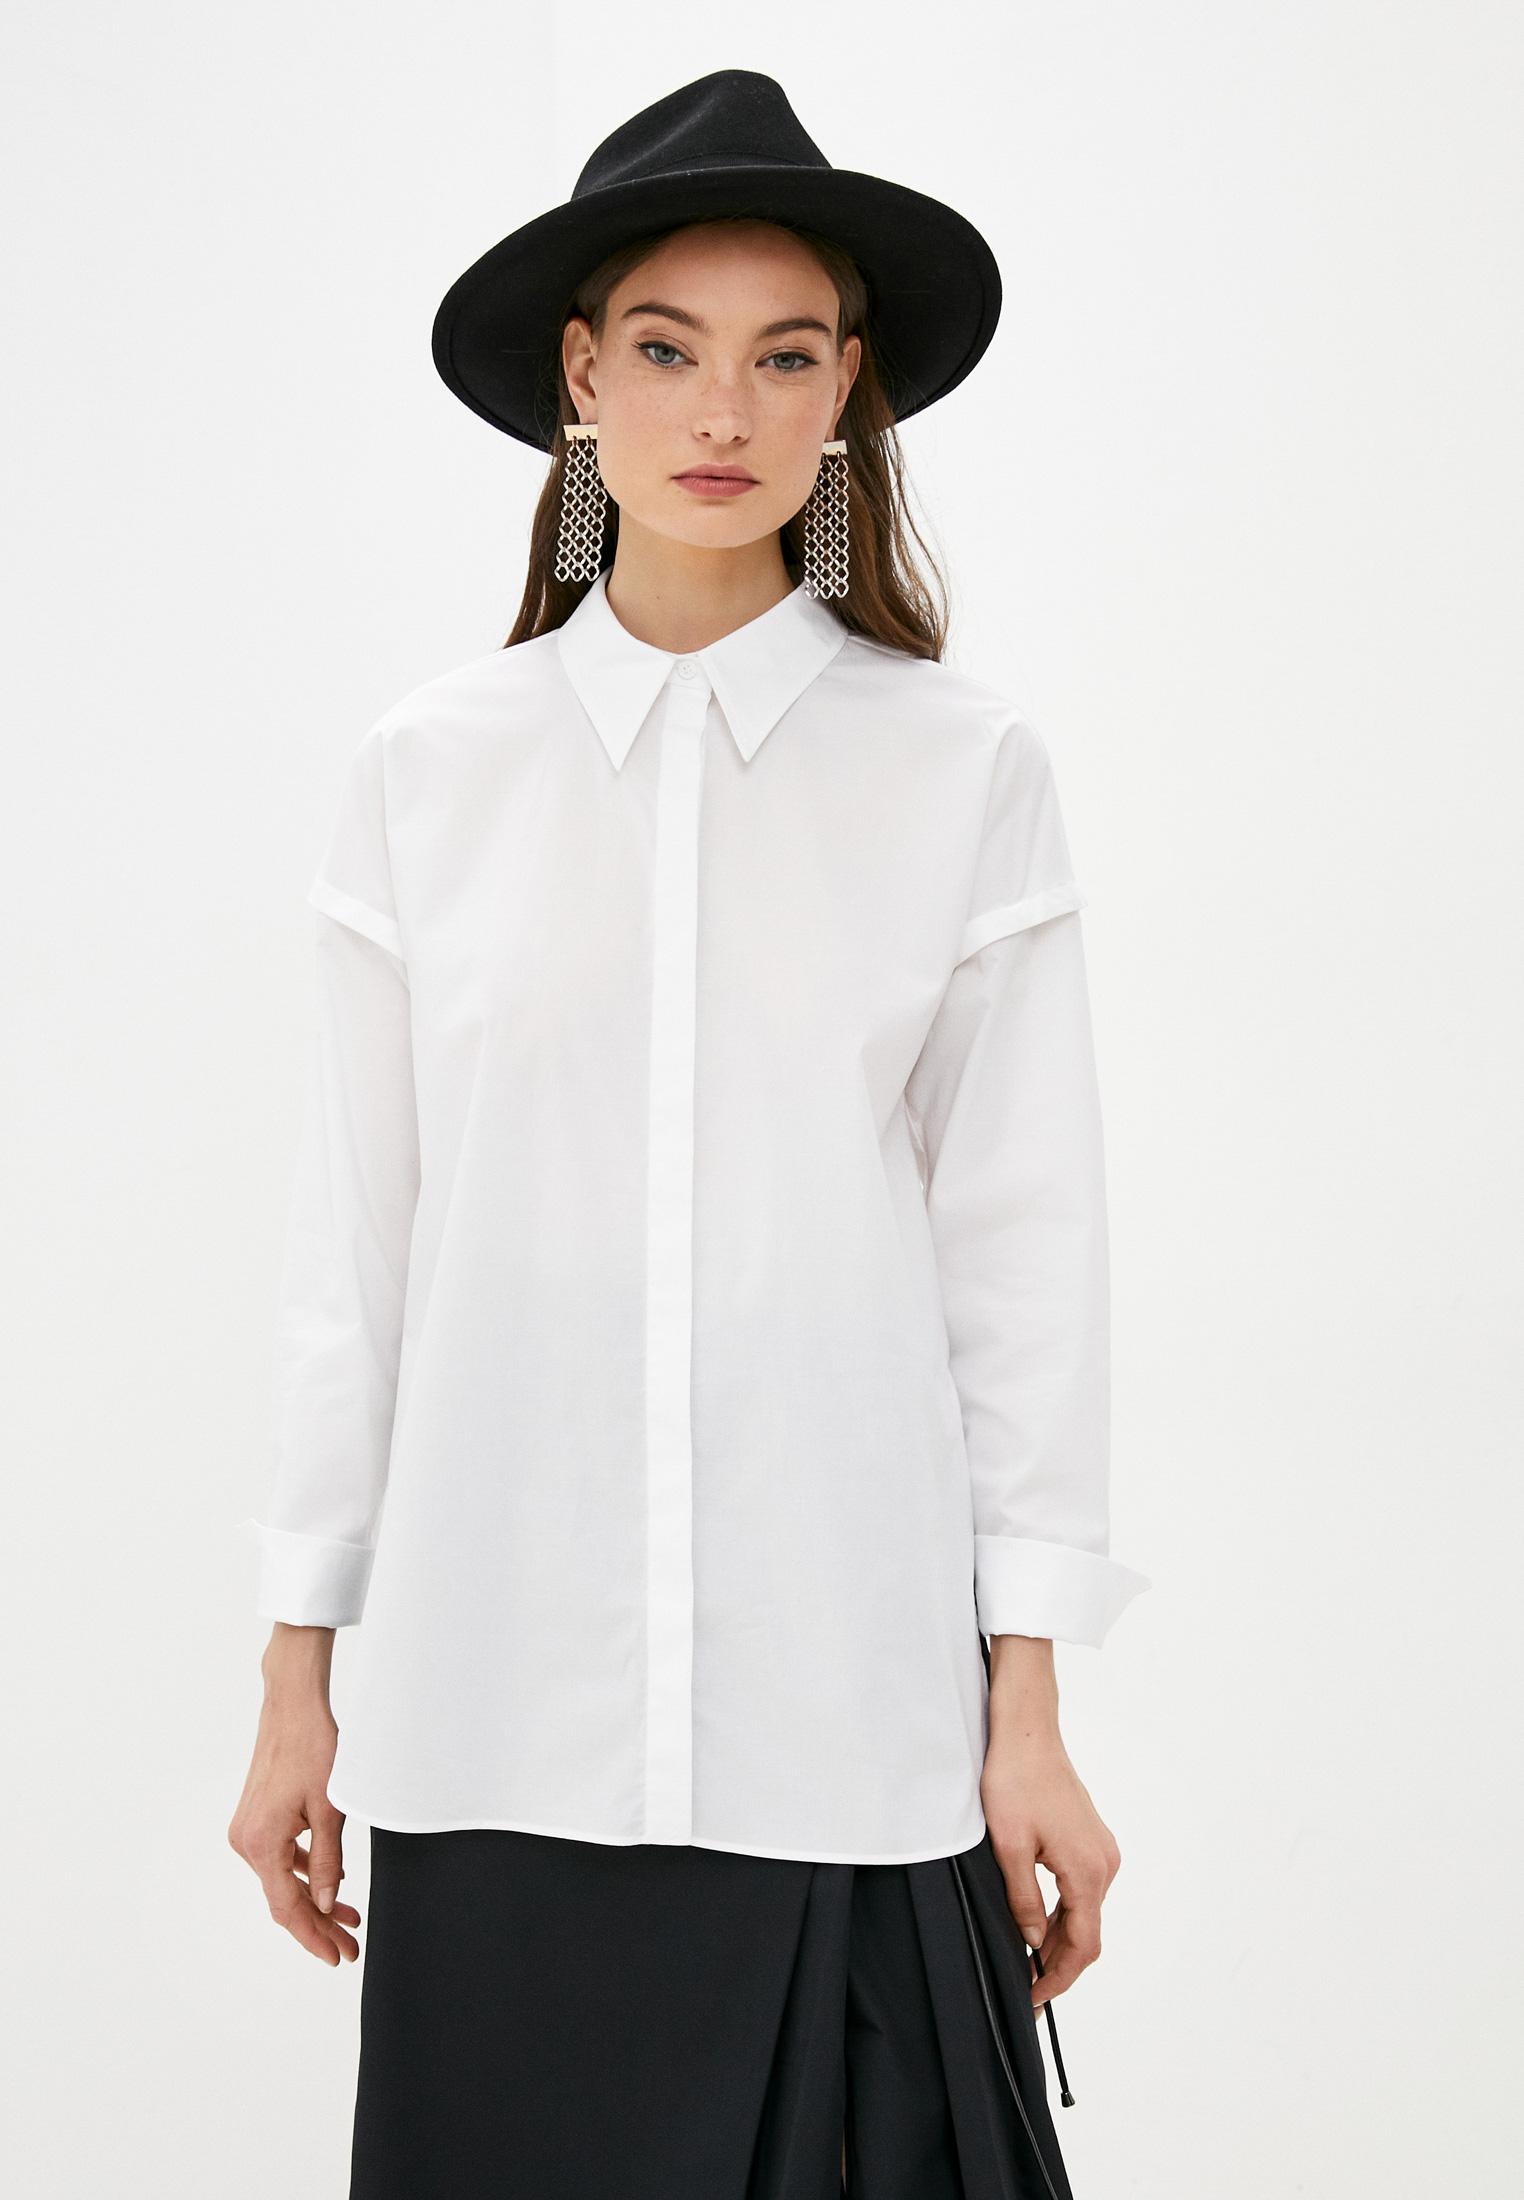 Рубашка с коротким рукавом Dorothee Schumacher Рубашка Dorothee Schumacher